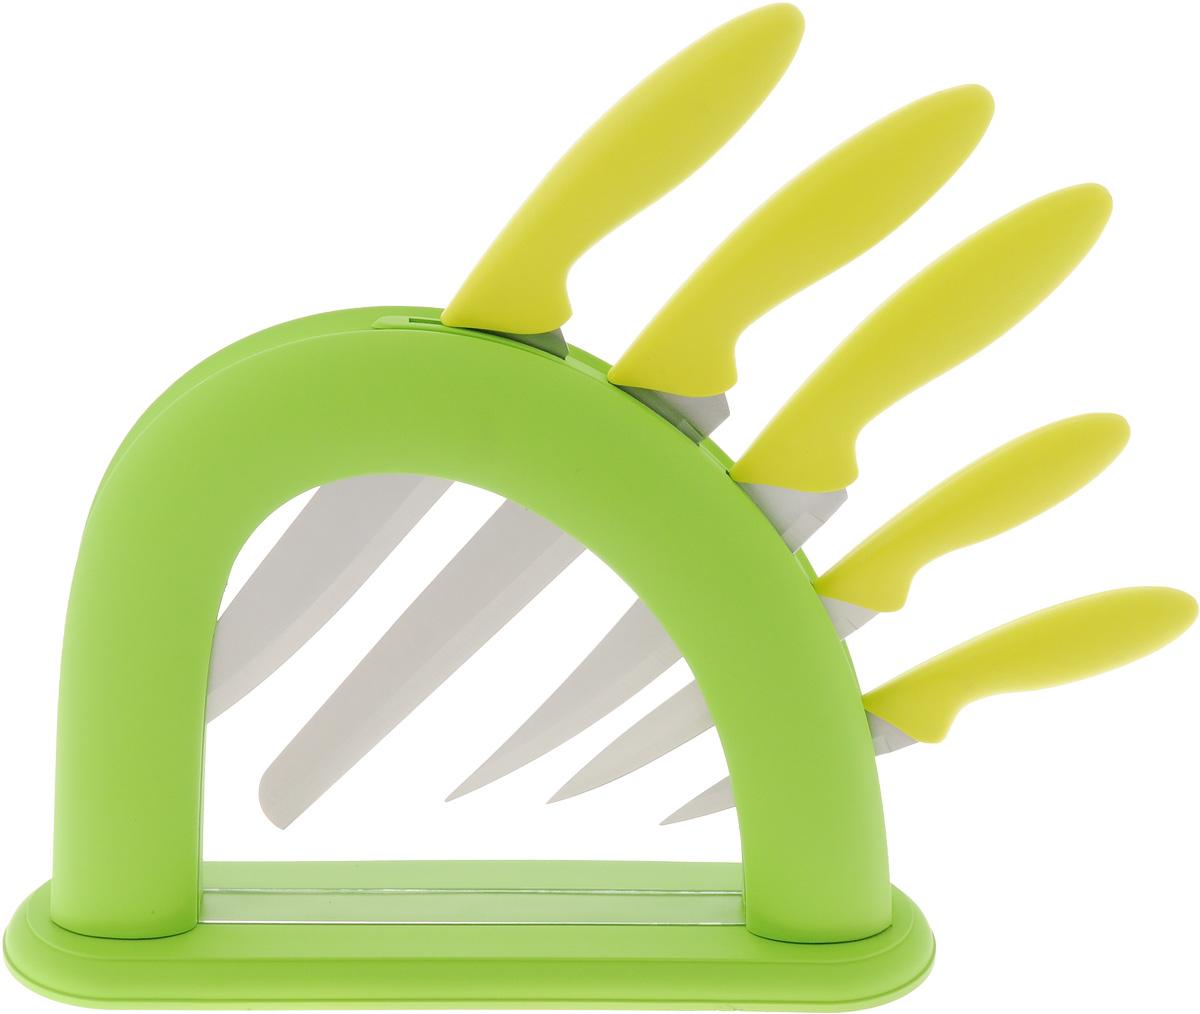 Набор ножей Mayer & Boch, 6 предметов. 2254222542Набор Mayer & Boch состоит из 5 кухонных ножей иподставки. Лезвия ножей выполнены извысококачественнойнержавеющей стали. Рукоятки ножей, изготовленные из полипропилена,обеспечивают комфортный и легко контролируемыйзахват.Ножи прекрасно подходят для ежедневной резкифруктов, овощей и мяса.Компактная подставка, выполненная из полипропиленасвнешним покрытием из термопластика, сэкономит местонарабочем столе. На дне подставки расположеныспециальныенакладки для предотвращения скольжения по столу. В набор входят:- нож для очистки - маленький нож с коротким прямымлезвием. Им удобно снимать кожуру с любого фрукта иовоща; - нож универсальный - легкий и многофункциональныйнождля резки небольших овощей и фруктов, колбасы, сыра,масла.Имеет неширокое лезвие, острие сцентрировано;- нож для хлеба - нож с зубчатой кромкой лезвияприменяется для нарезки как свежих, так и черствыххлебобулочных изделий. При резке таким ножом мякишизделия не нарушается. Нож применяется длярезки рогаликов, булочек, бубликов и рулетов;- нож разделочный - нож с длинным, не широким, нодостаточно толстым лезвием и со сцентрированнымострием.Используется для разделки крупных овощей (капуста,свекла,кабачок) для нарезки больших кусков сырого и вареногомяса,разделки курицы, крупной рыбы. Им нарезают арбуз,дыню имногое другое;- нож поварской - нож с толстым, широким и длиннымлезвием с центральным острием. Все это позволяетлегкорубить капусту, овощи, зелень, резать замороженноемясо,рыбу и птицу. Этот набор включает все необходимое для ежедневногоприготовления пищи.Современный дизайн украсит интерьер вашей кухни.Общая длина ножа для хлеба: 33 см. Длина лезвия ножа для хлеба: 20,3 см. Общая длина поварского ножа: 33,5 см. Длина лезвия поварского ножа: 19,1 см. Общая длина разделочного ножа: 29 см. Длина лезвия разделочного ножа: 15,2 см. Общая длина универсального ножа: 22 см. Длина лезвия универсального ножа: 12,7 см. Общая длина ножа для очистки: 18,5 см. Длина лезвия 